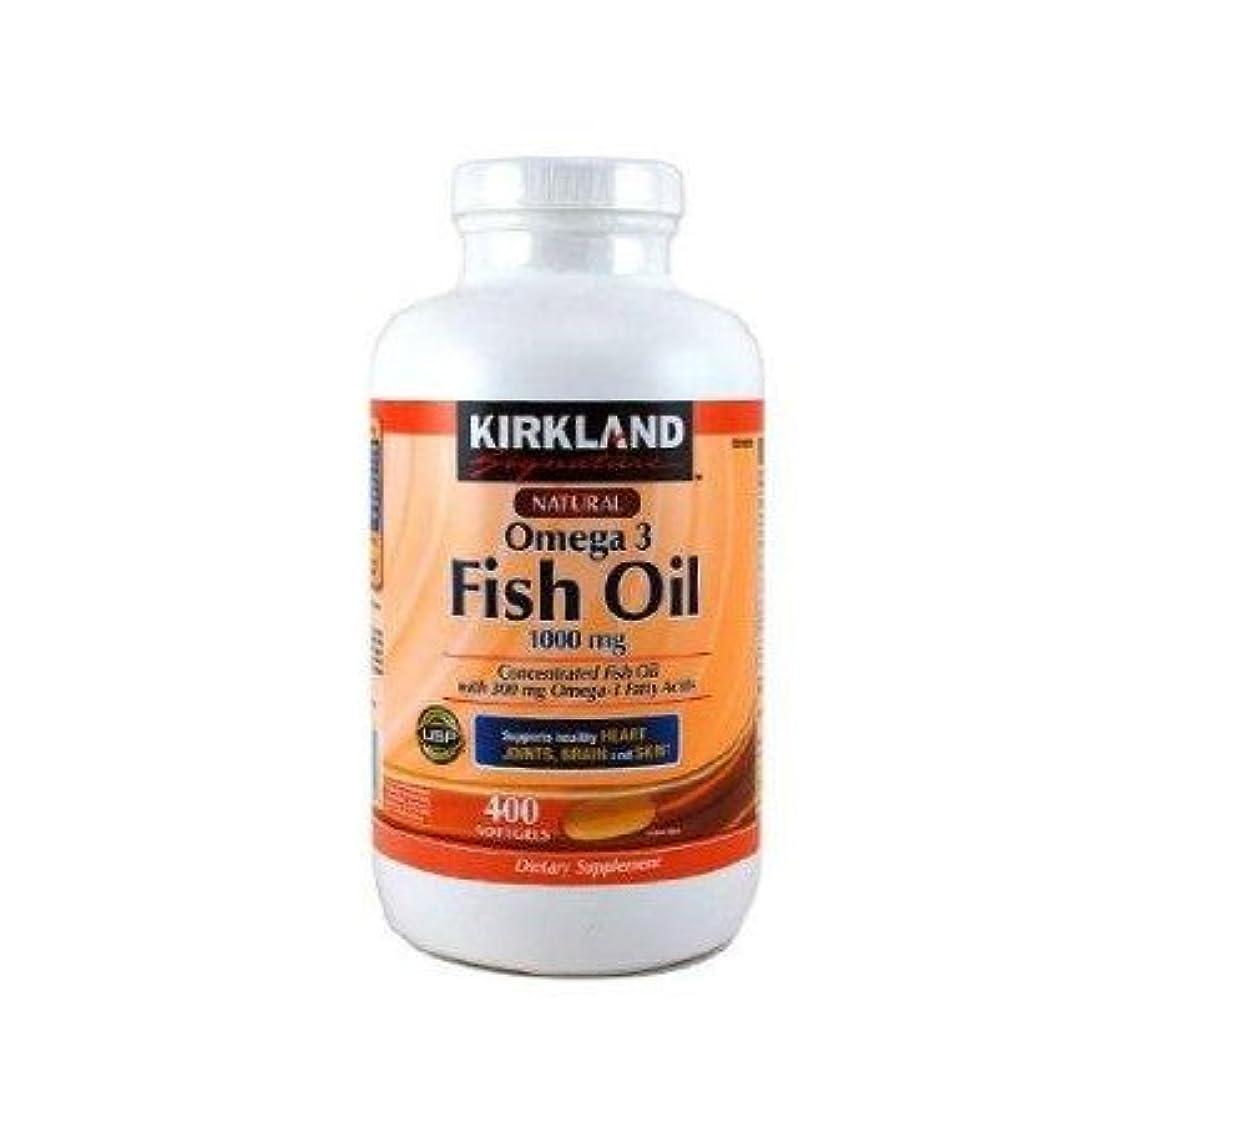 気になるアート階段KIRKLAND社 フィッシュオイル (DHA+EPA) オメガ3 1000mg 400ソフトカプセル 2本 [並行輸入品] [海外直送品] Two KIRKLAND's Fish oil (DHA + EPA) omega...